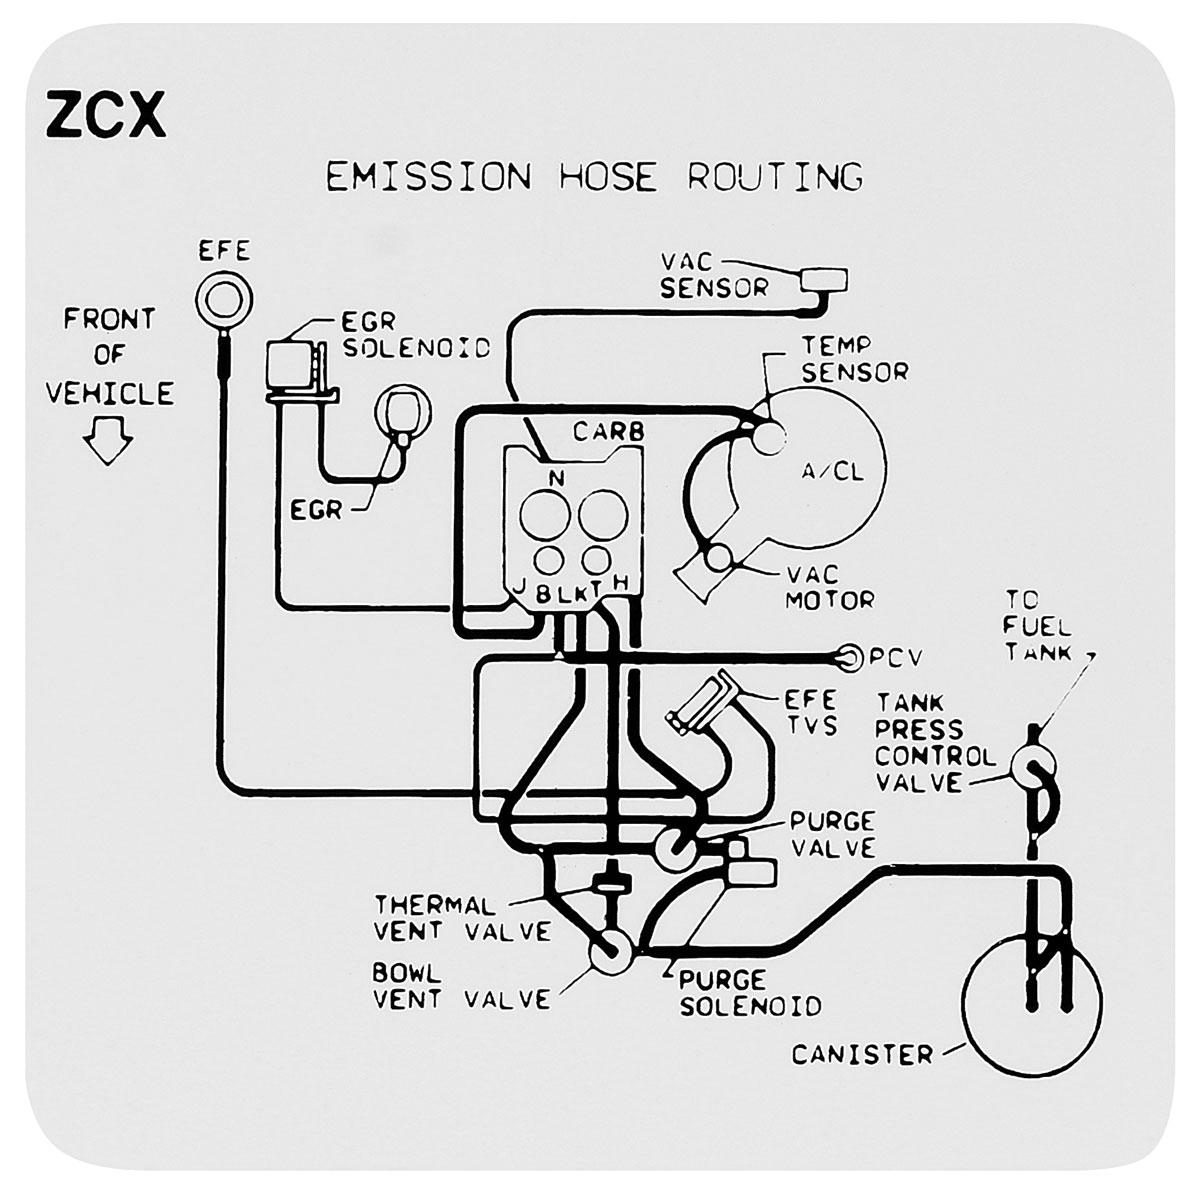 1987 monte carlo engine diagram